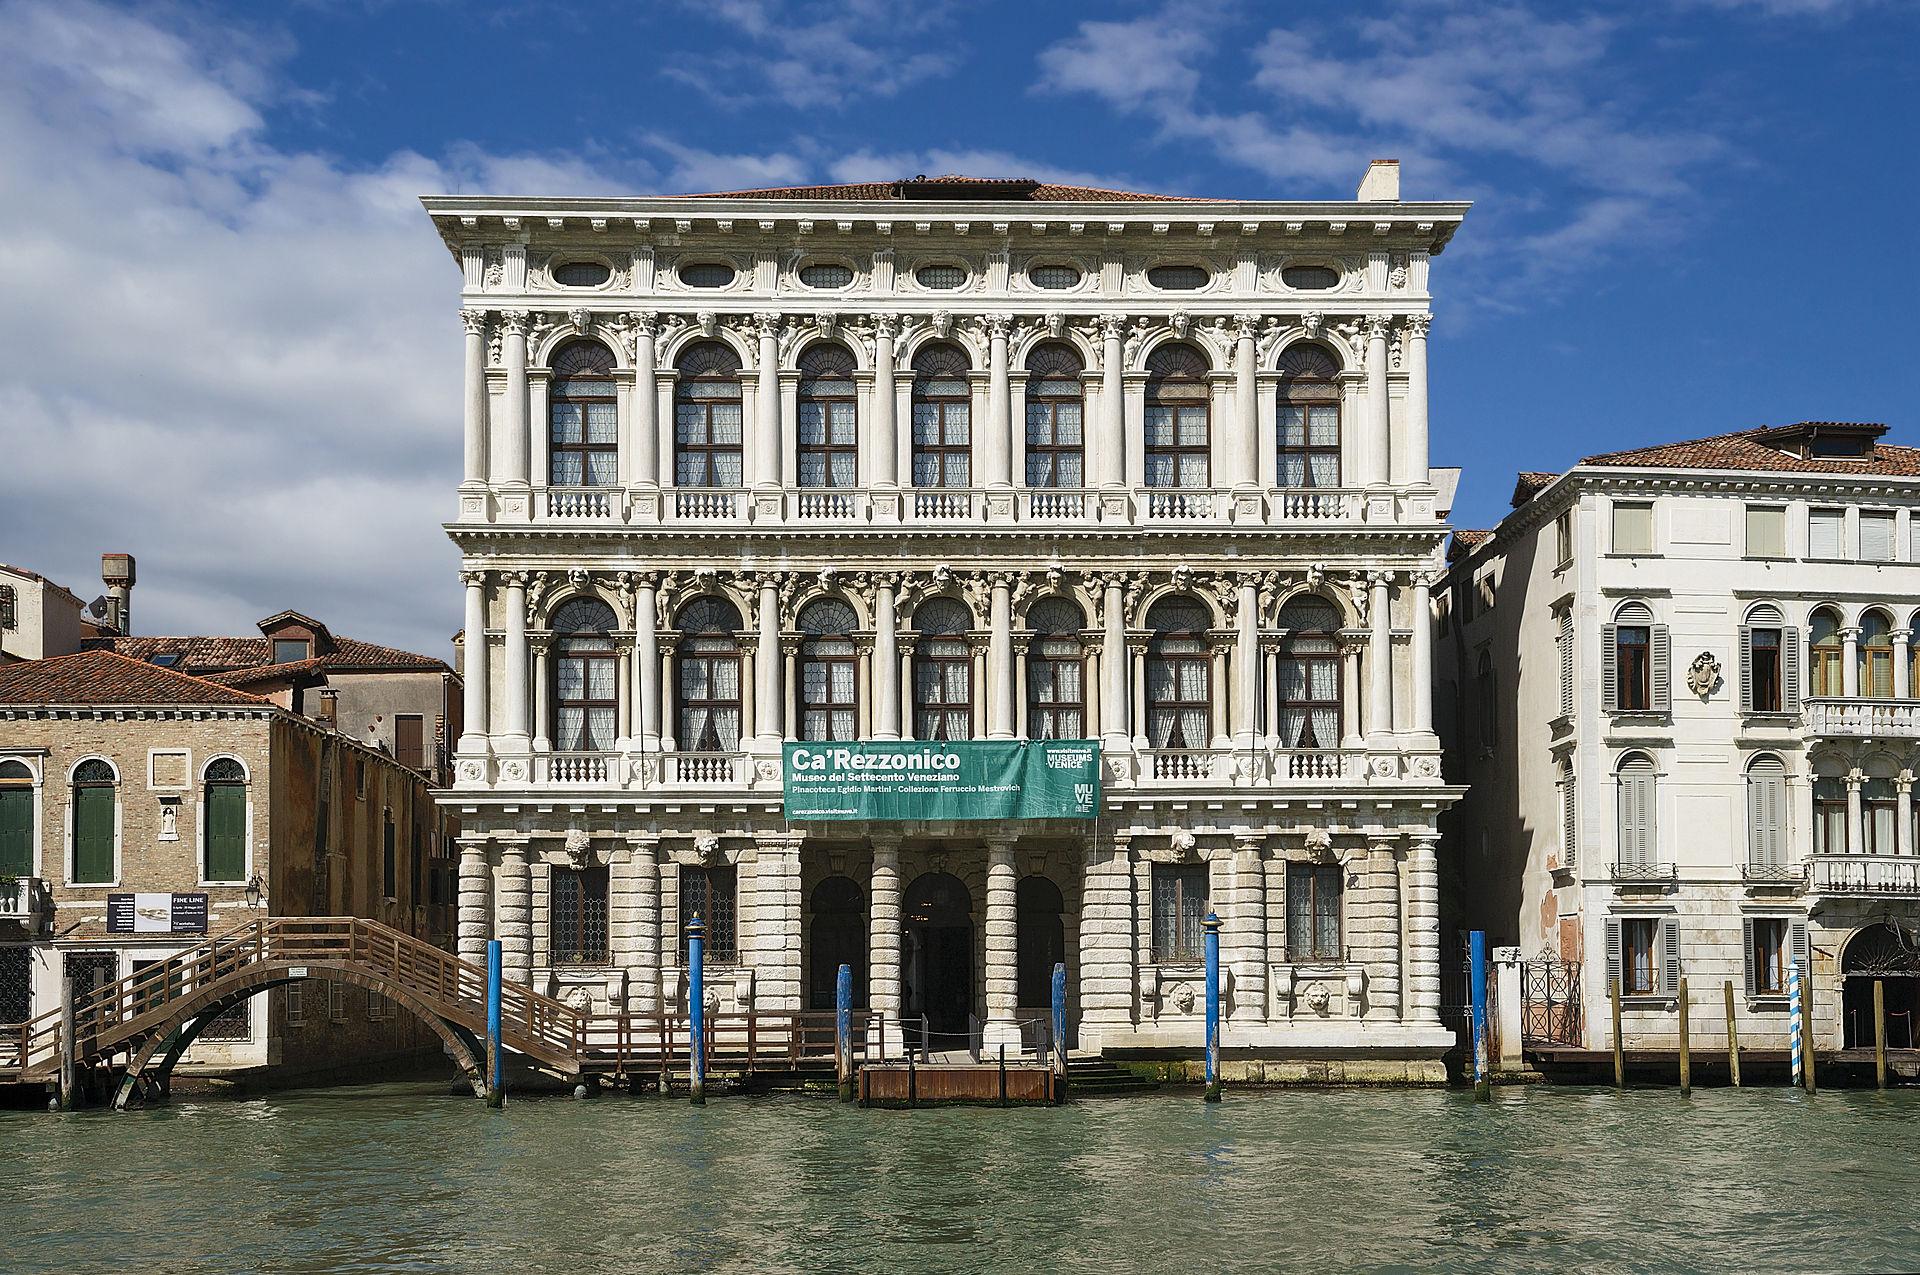 เวนิส-อาคารสวยๆ